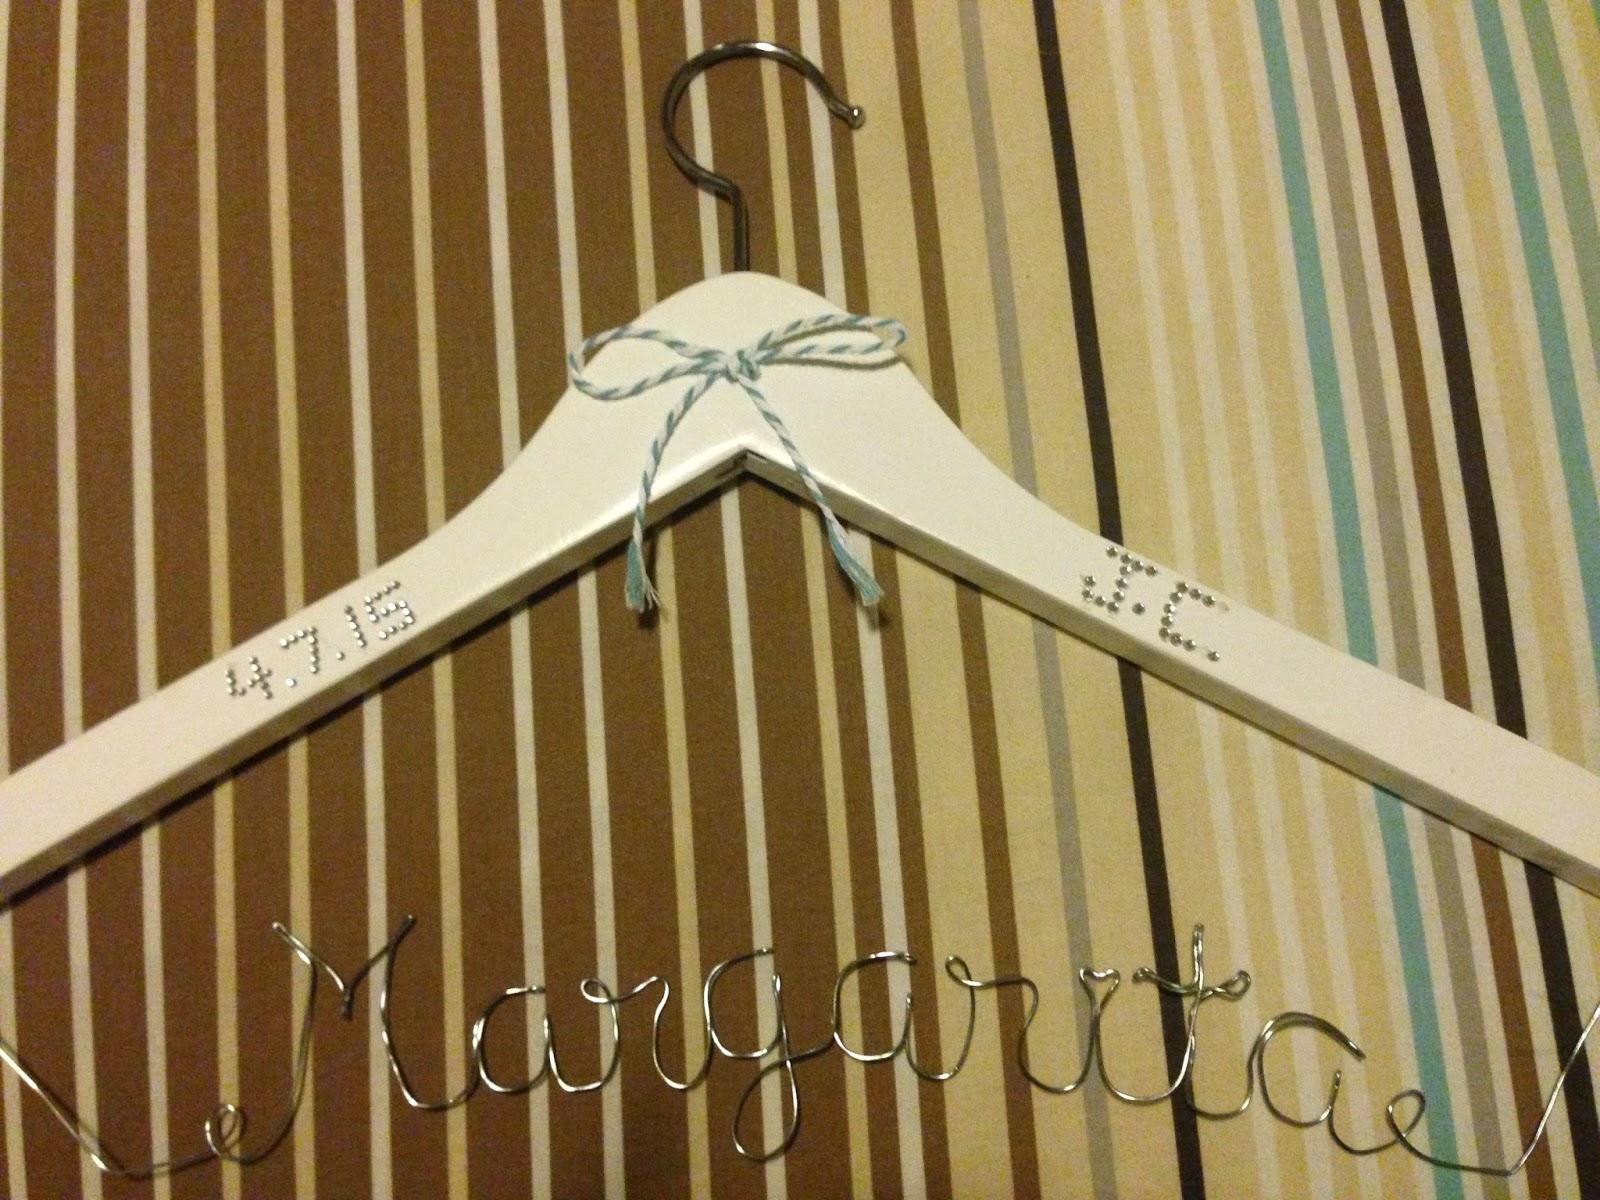 Blog de bodas - Yo dire que si: Tutorial: DIY Perchas Personalizadas ...